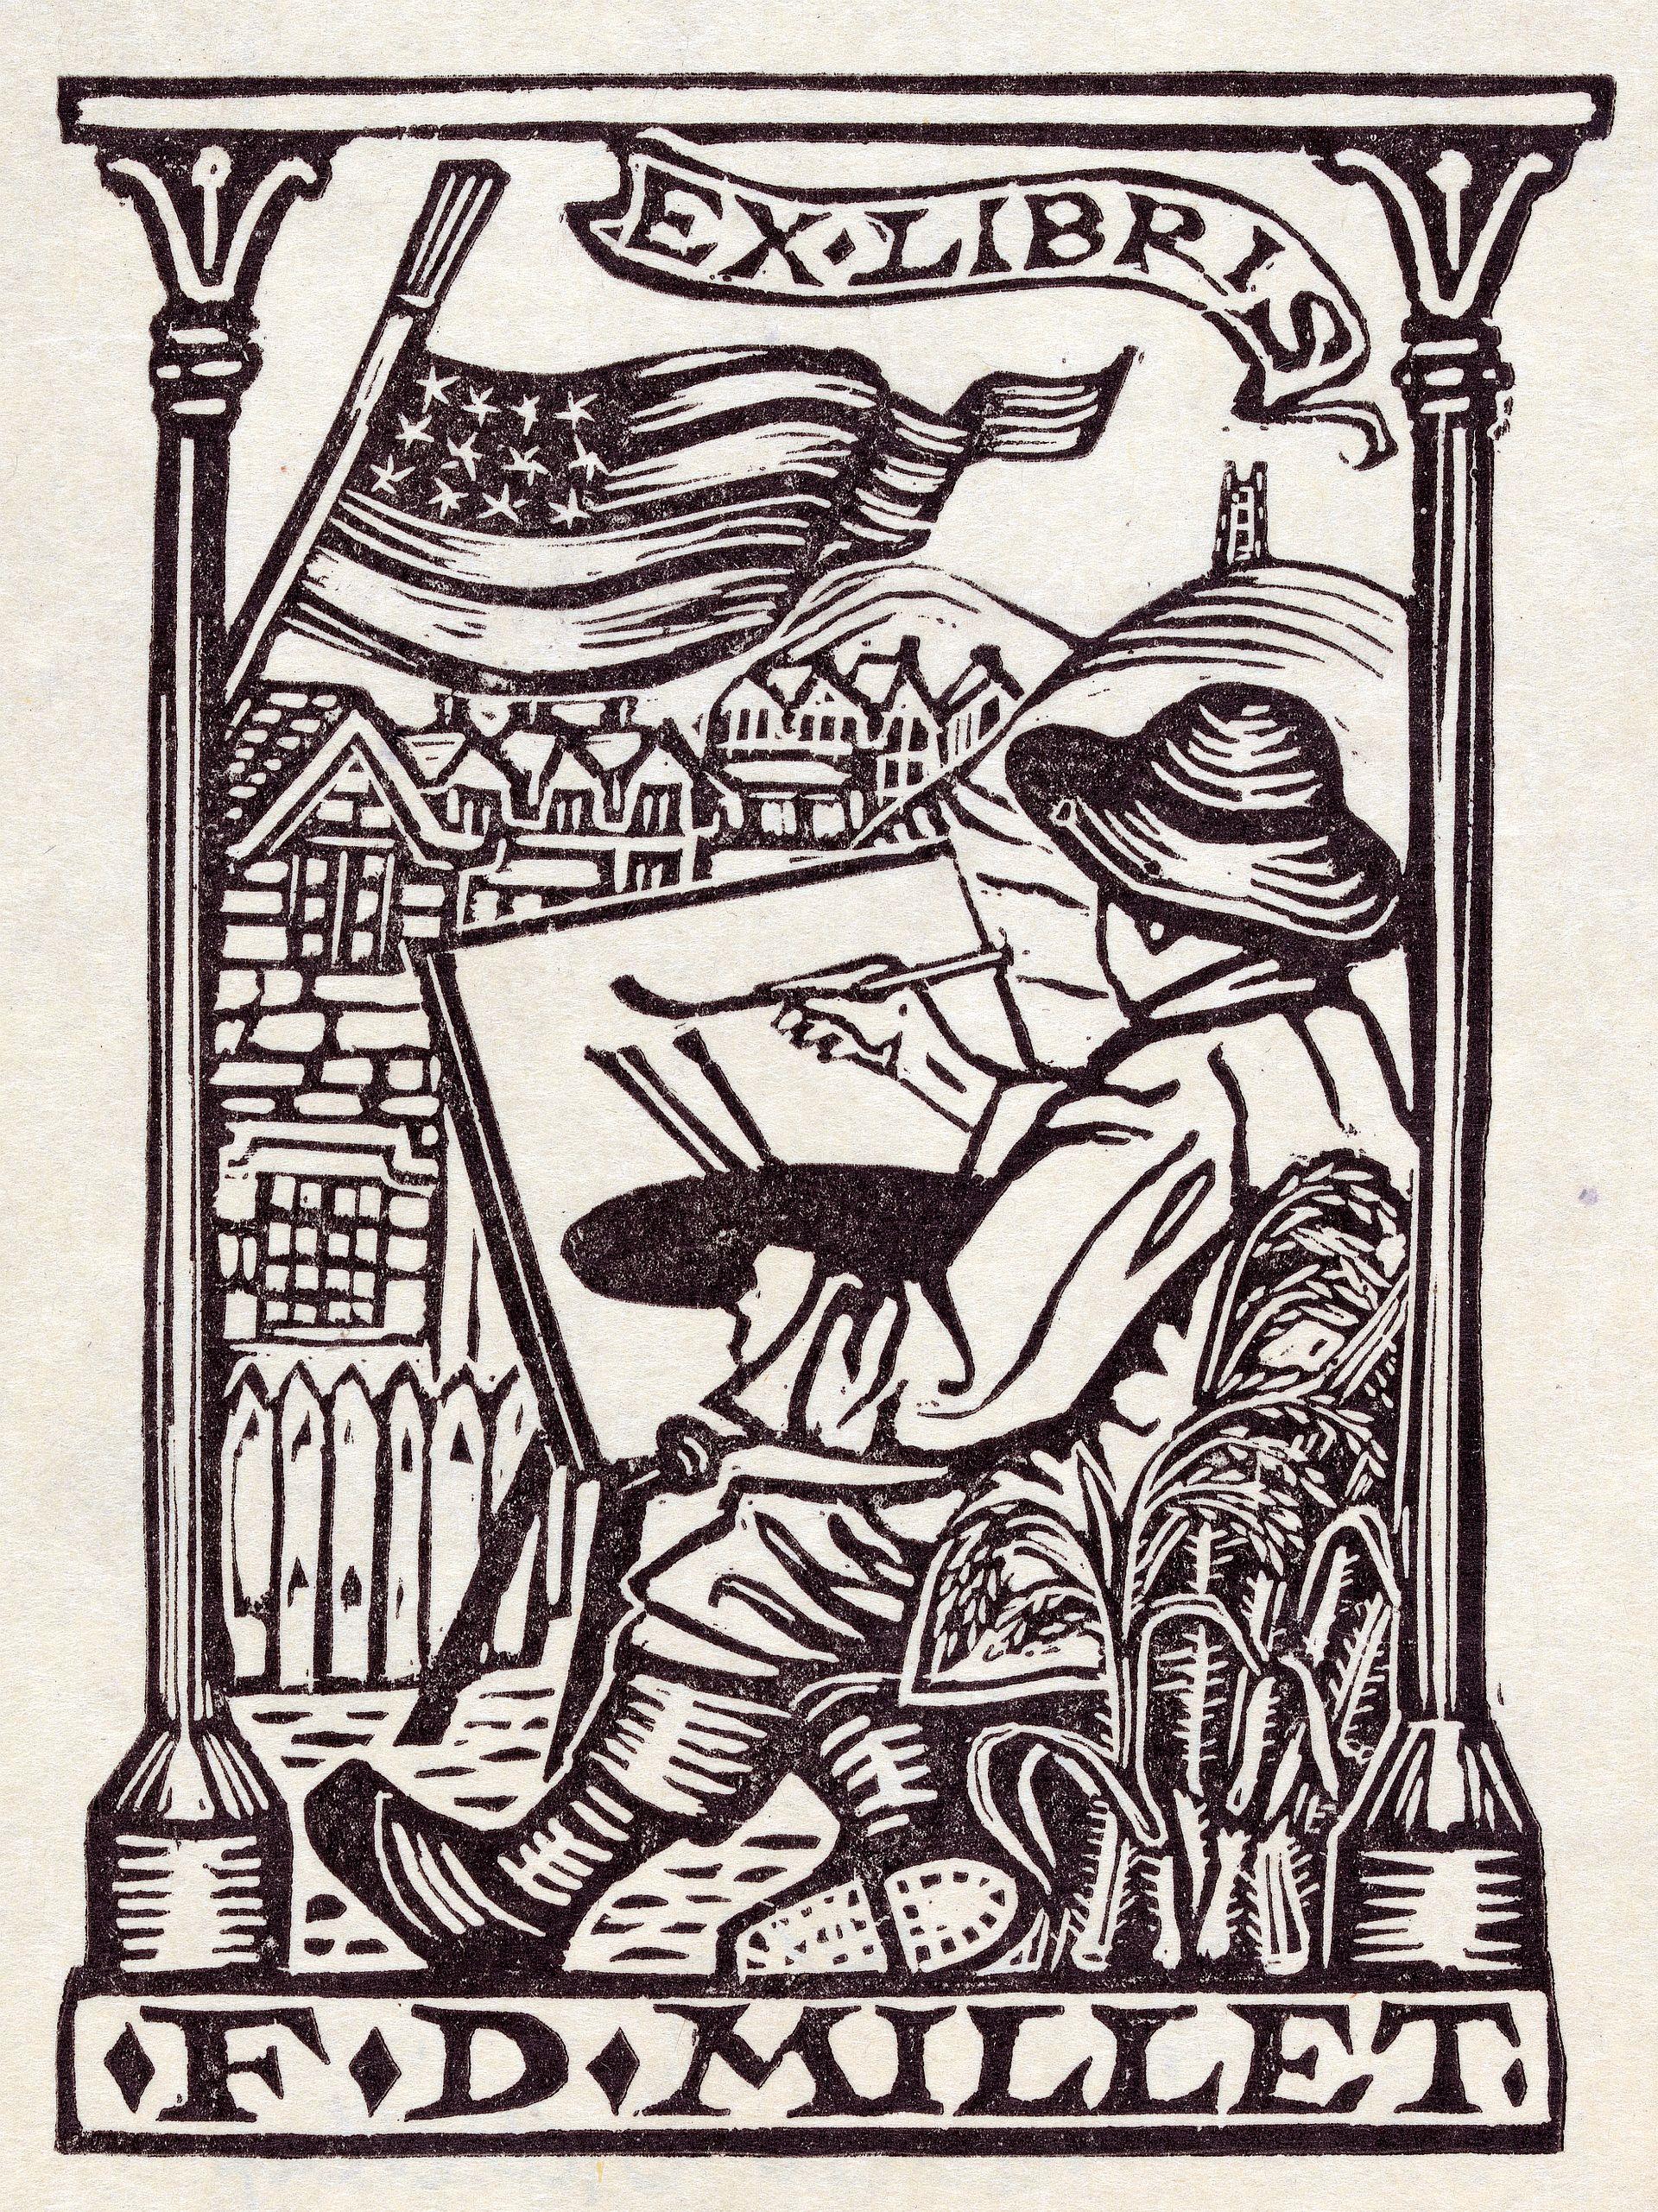 Ex Libris (Bookplate) by M.C. Escher | Skot Foreman Gallery